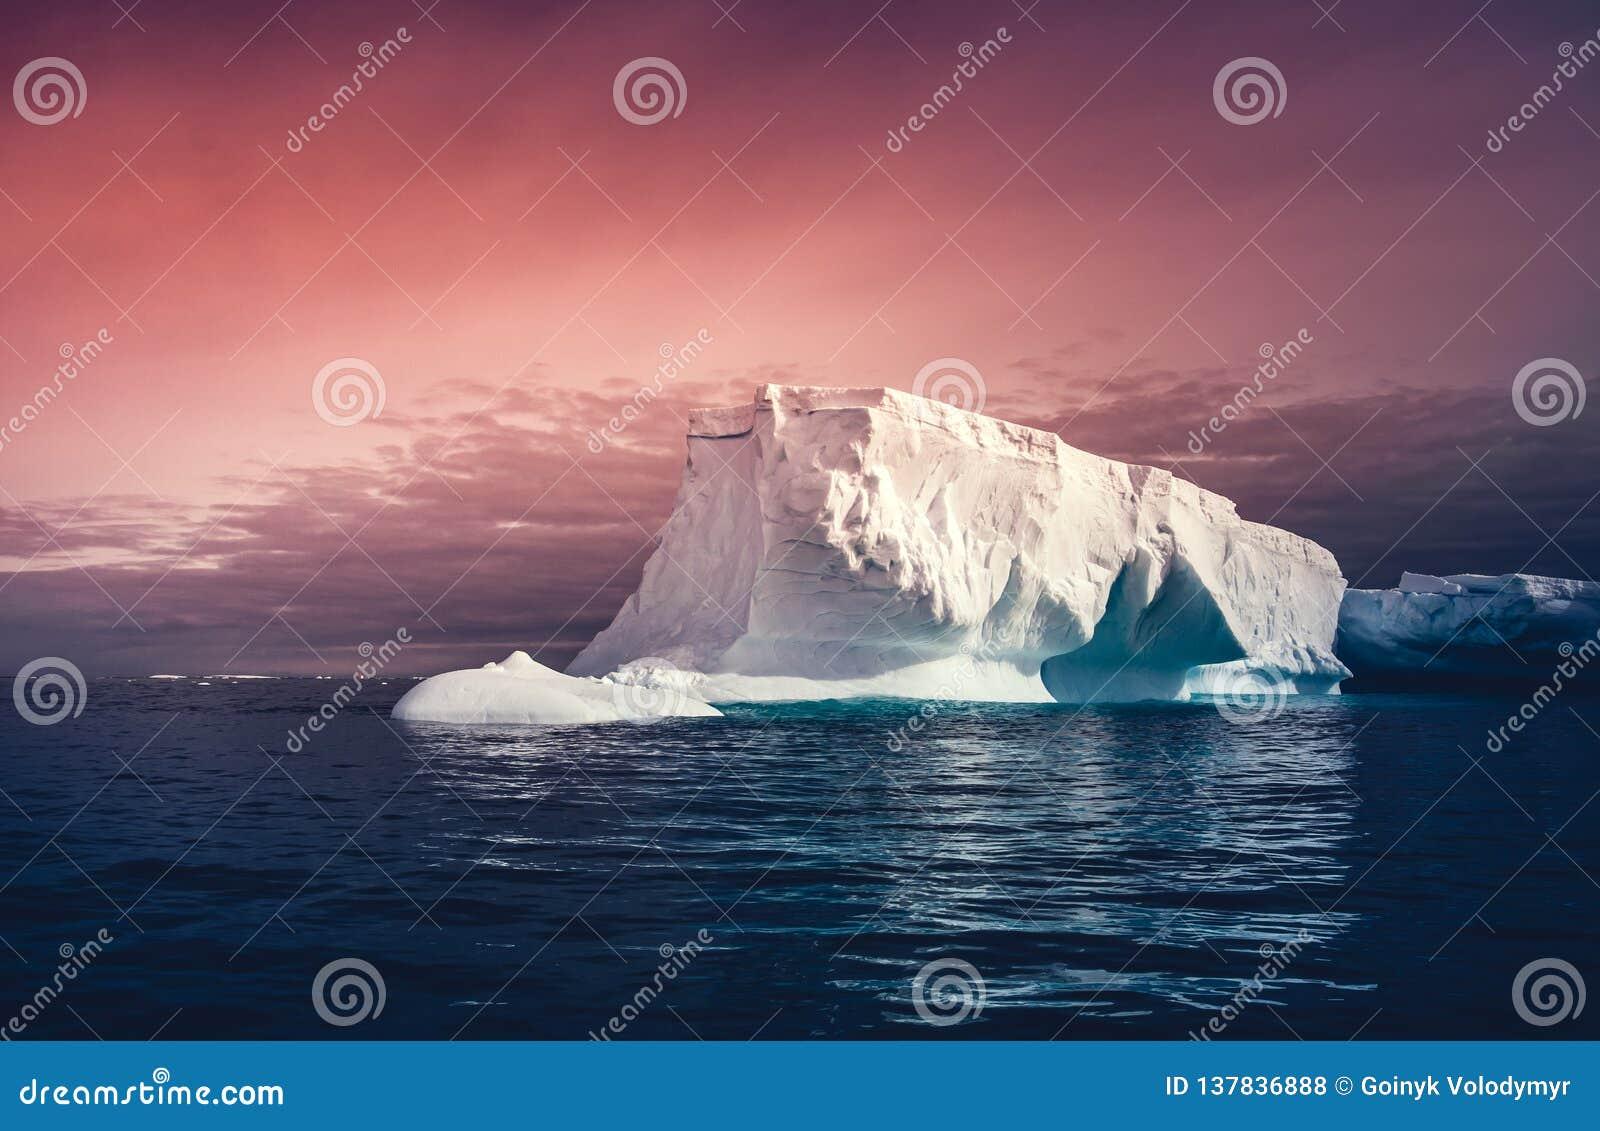 Der enorme Eisberg auf dem bunten Himmelhintergrund